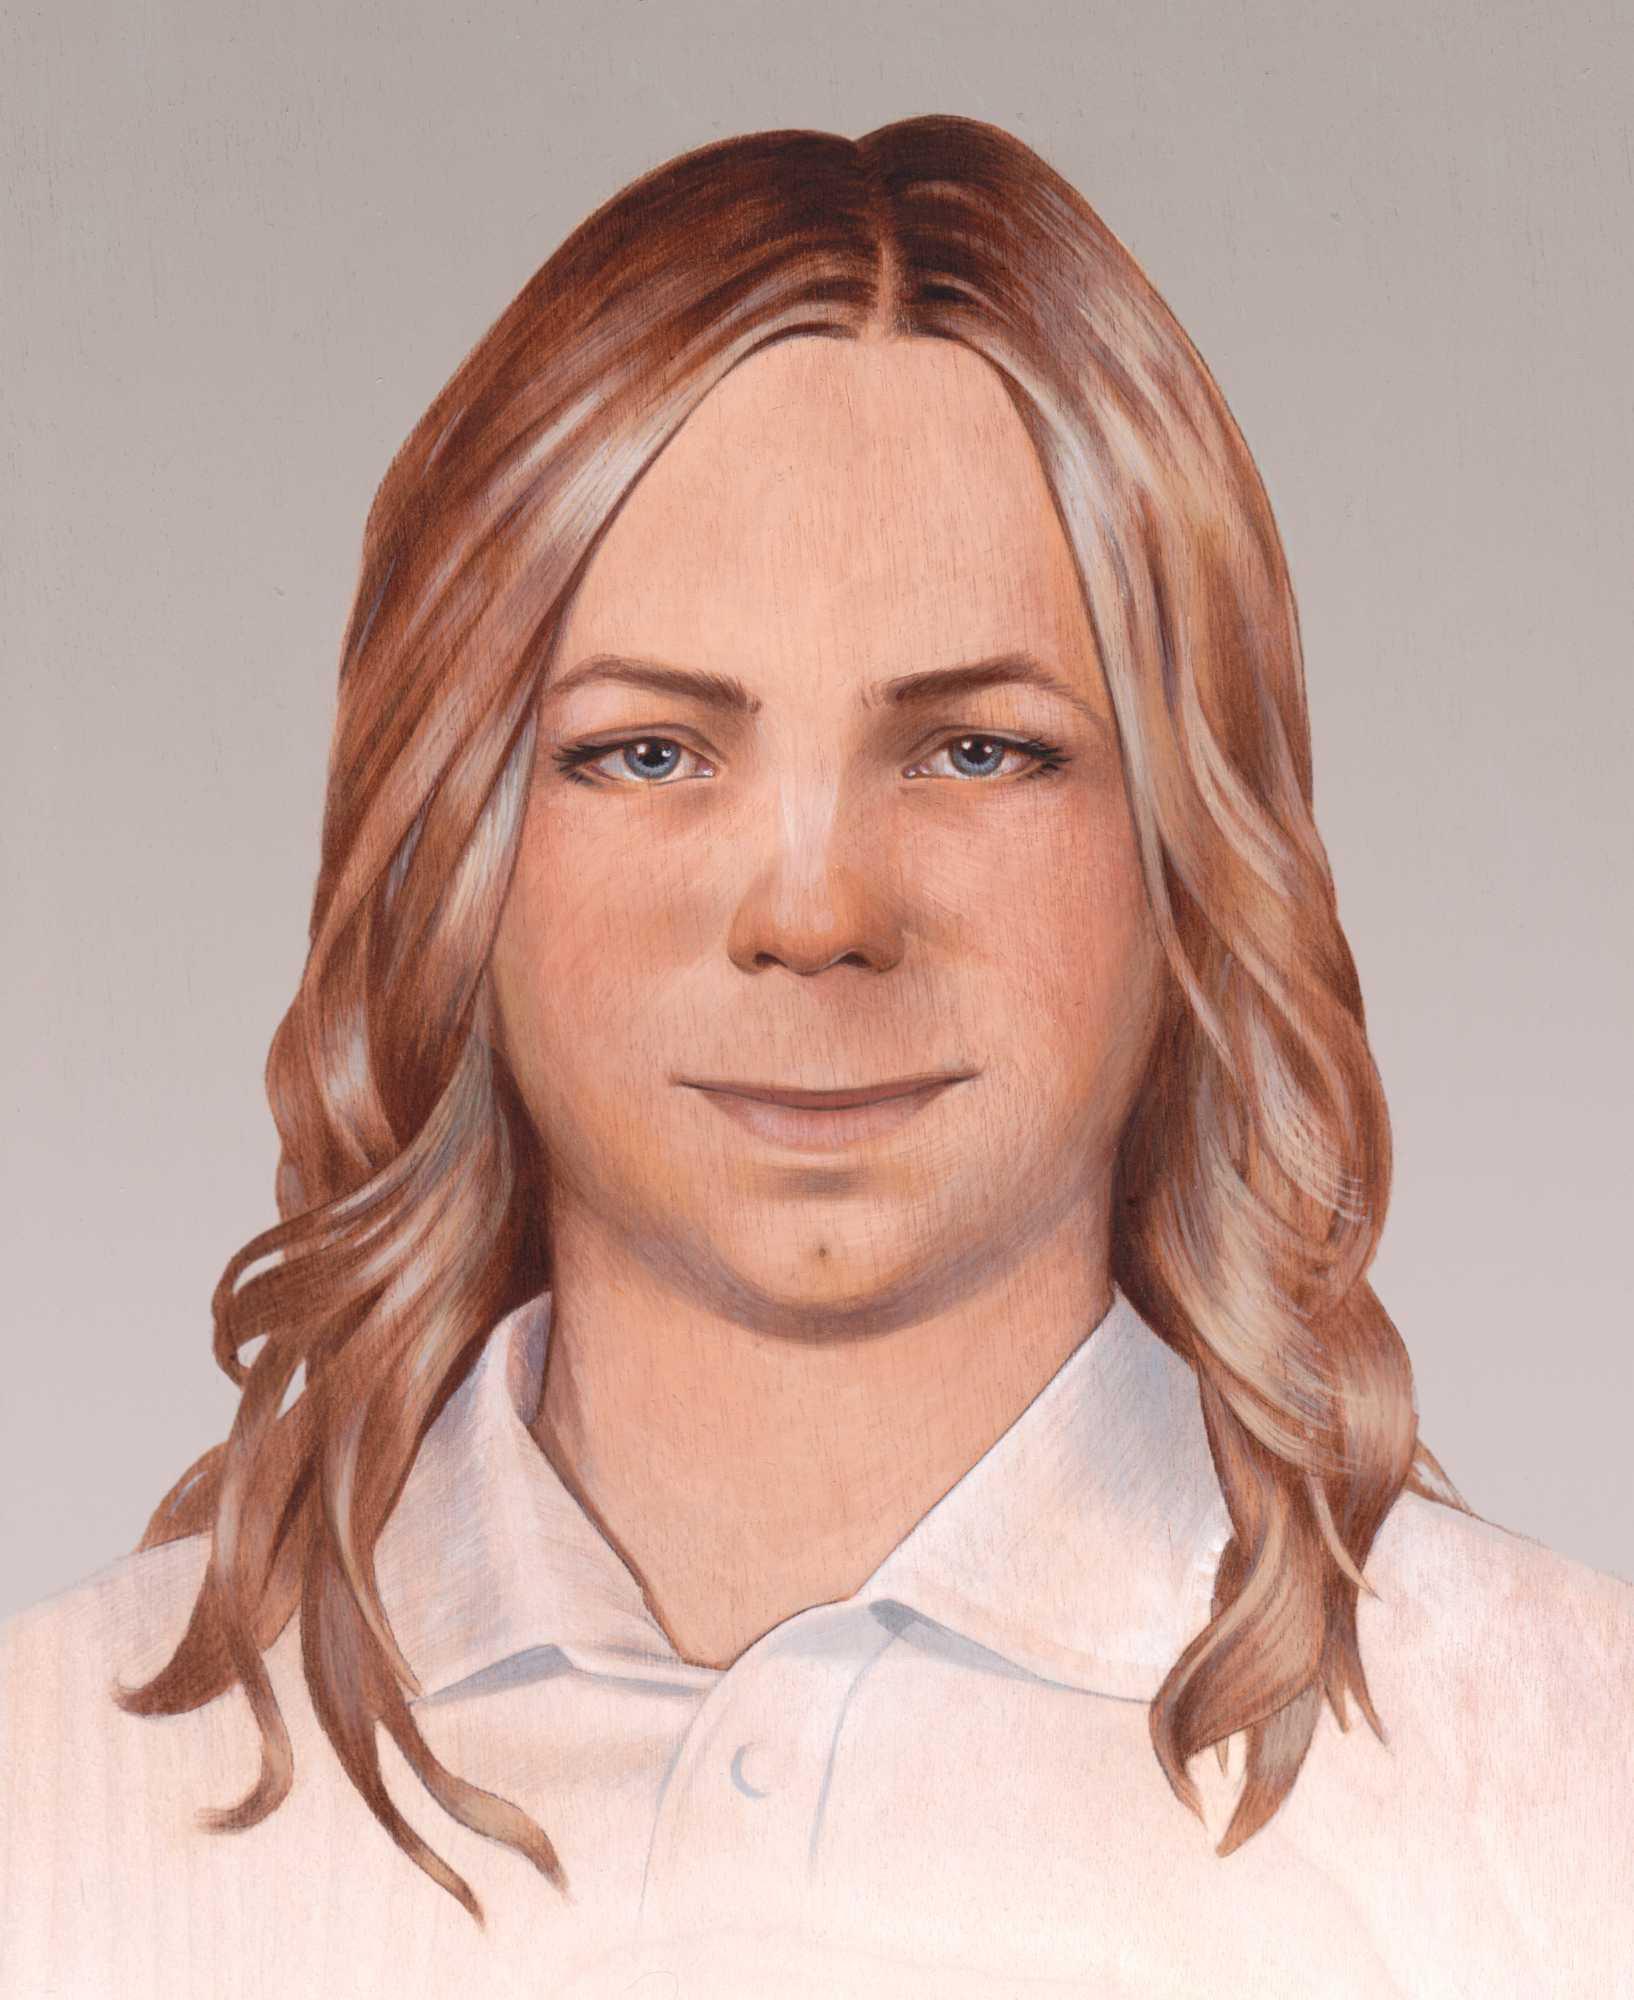 Gezeichnetes Porträt einer blonden Frau